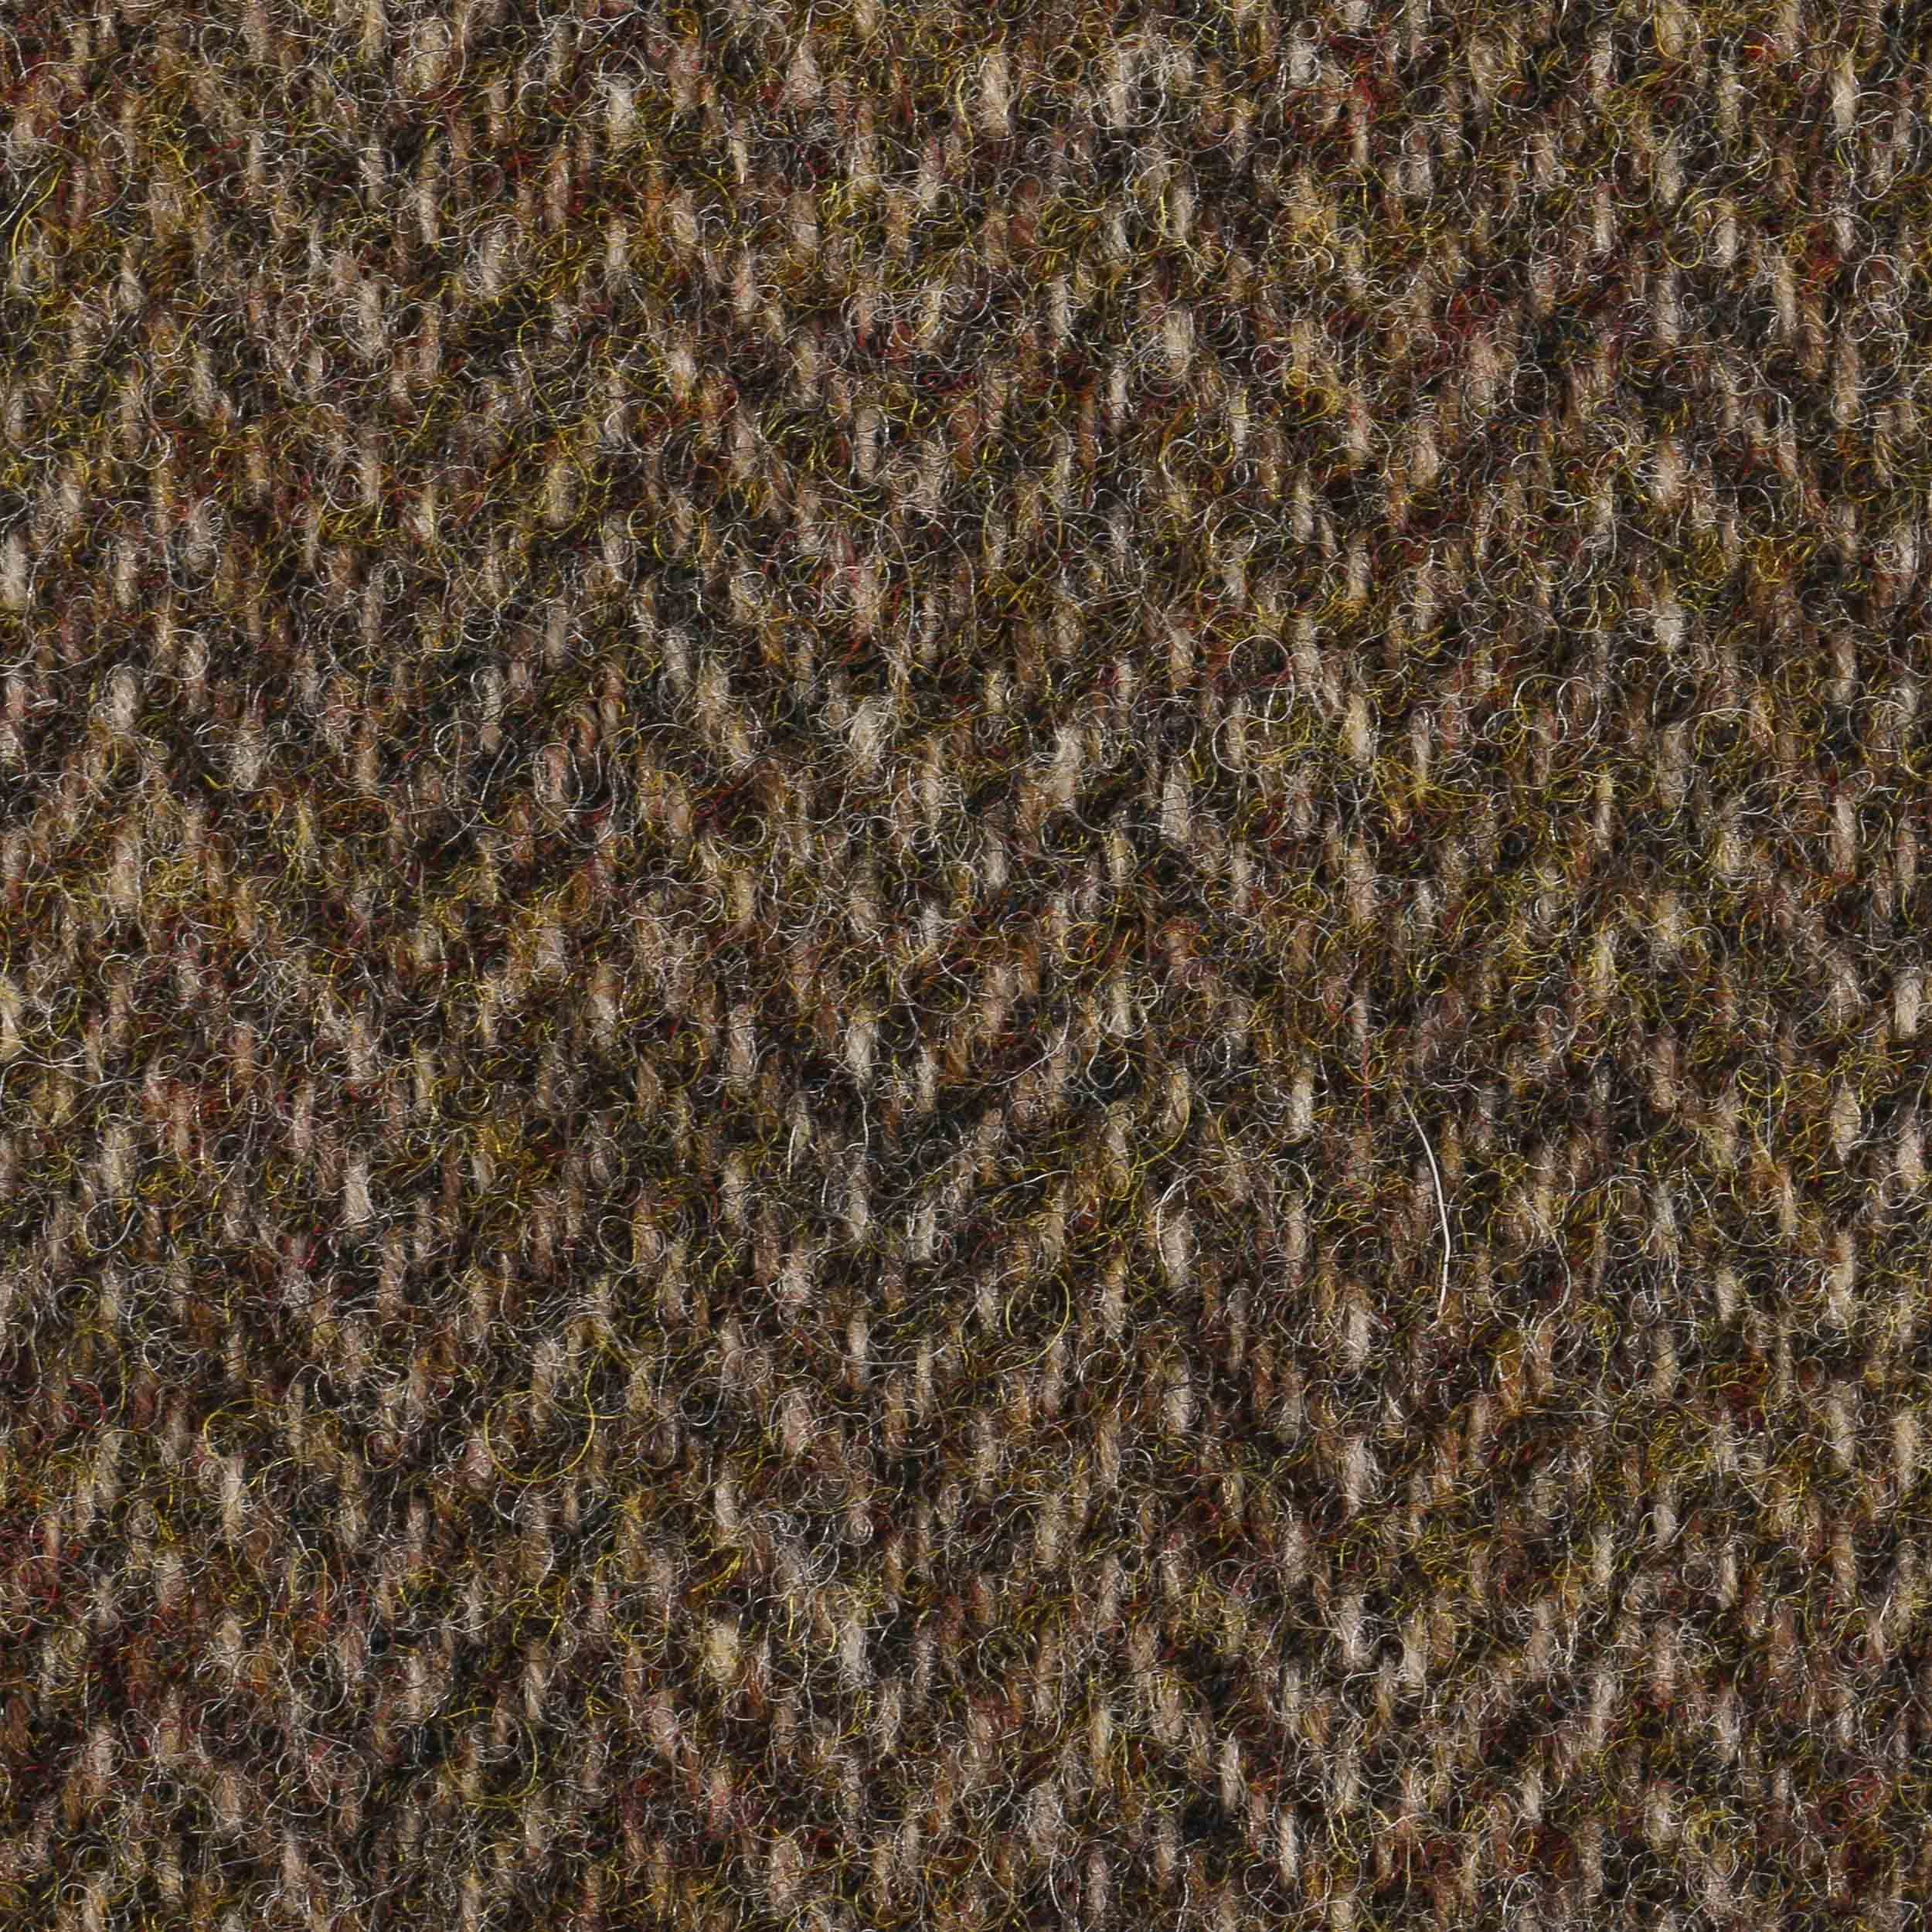 ... Belfast Woolrich Flat Cap by Stetson - light brown 4 ... 32475d550356